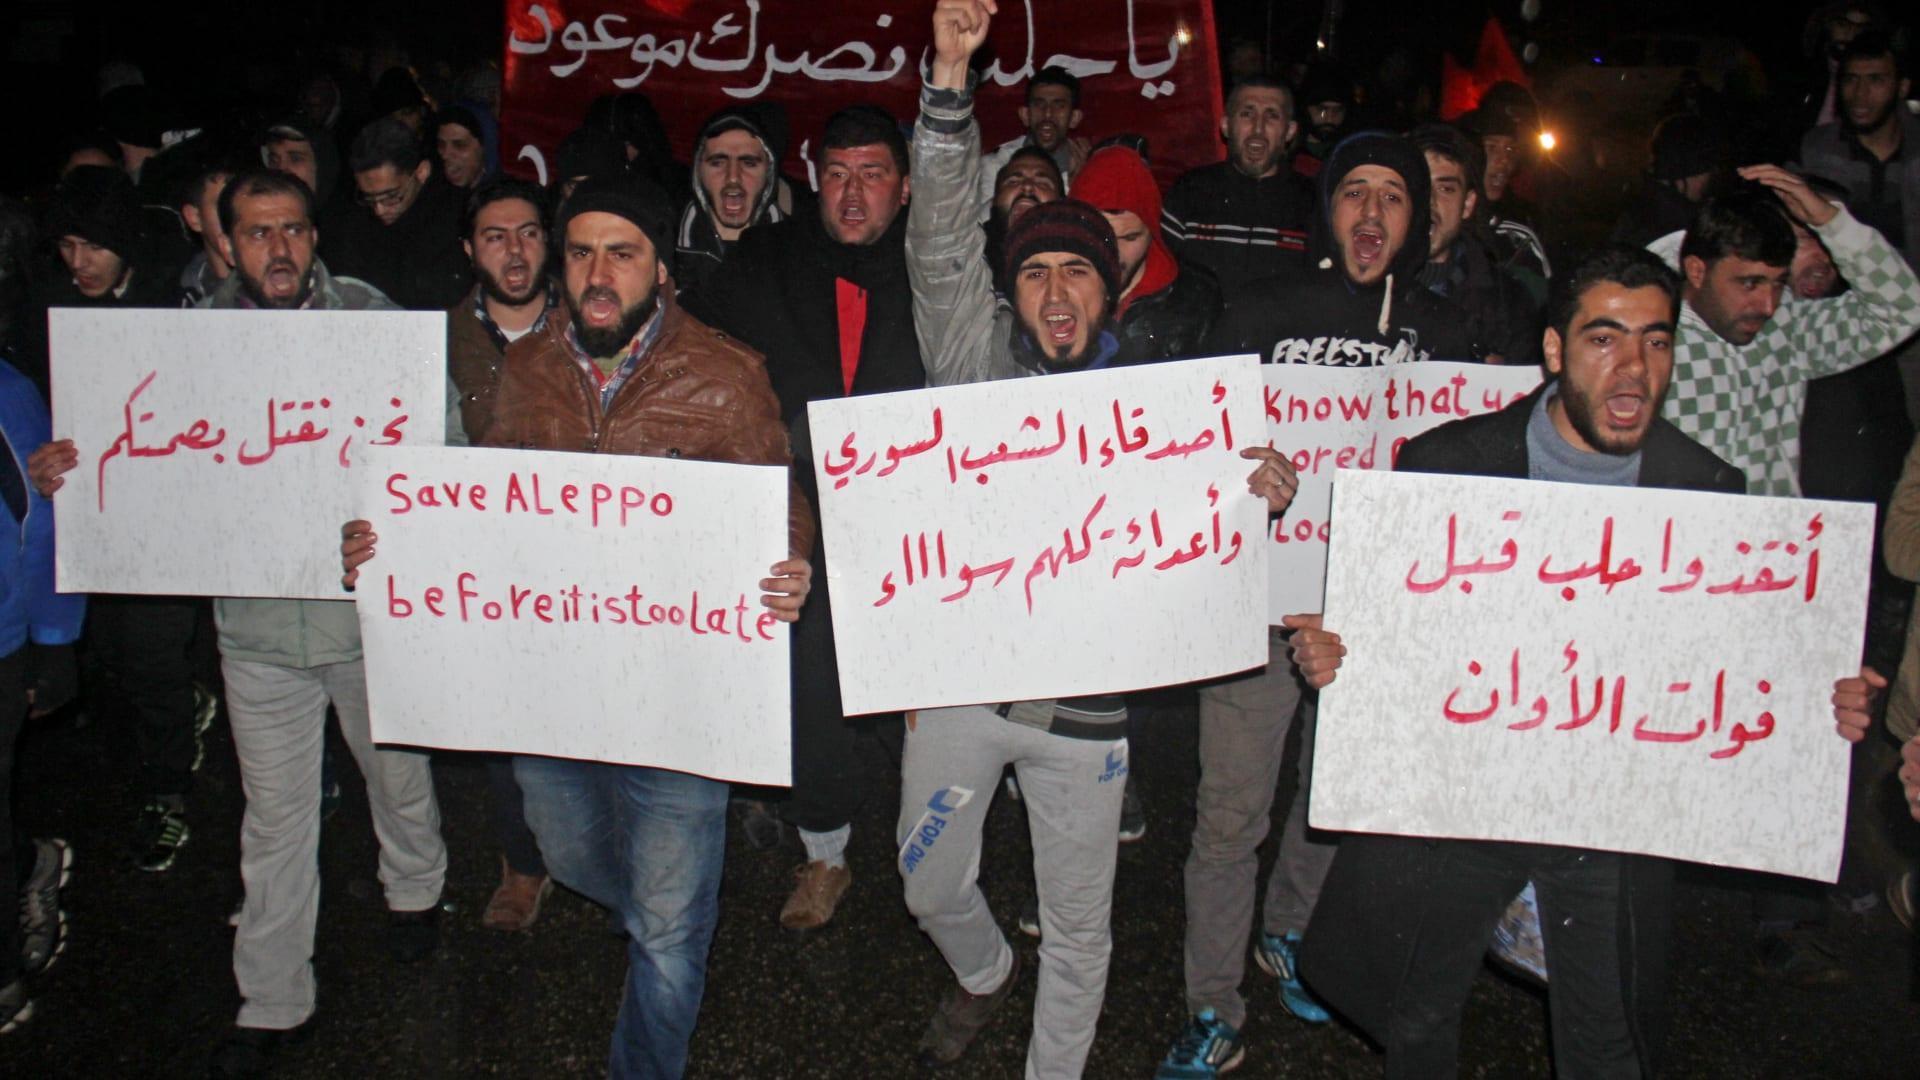 الأمم المتحدة: تكشف تقارير قتل النظام لـ82 مدنياً بينهم نساء وأطفال في حلب.. وهولاند وميركيل يوجهان رسالة موحدة للأسد وروسيا وإيران